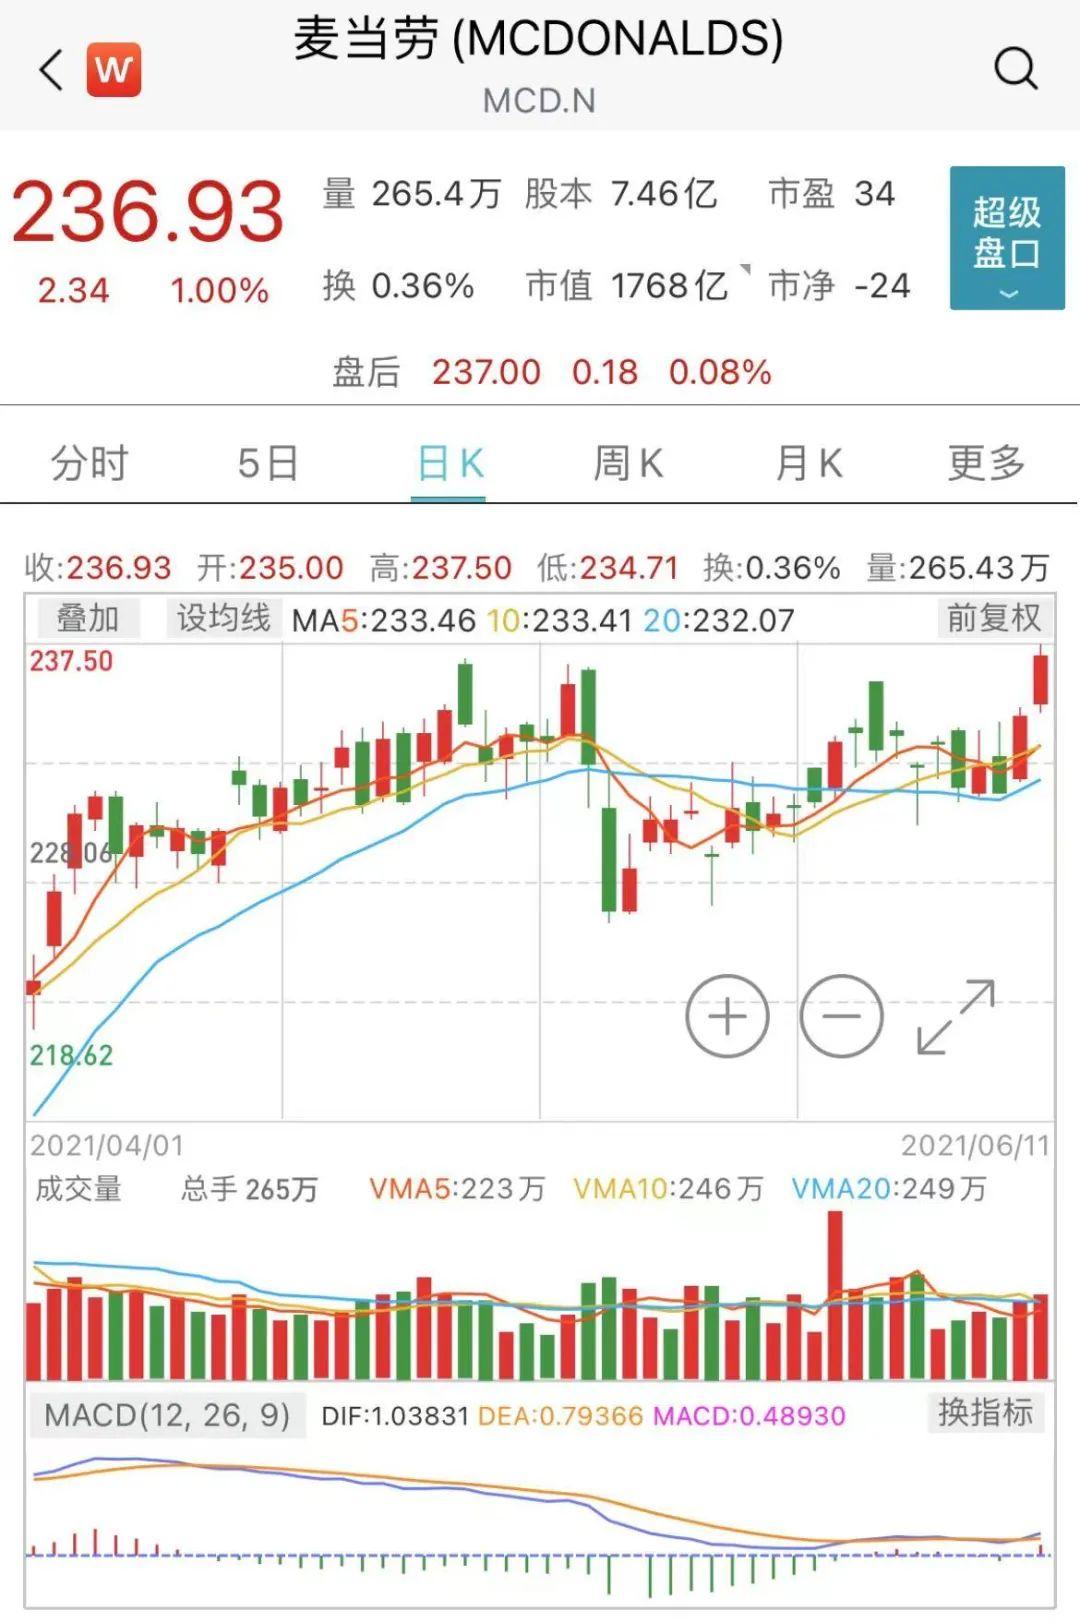 这次盯上的是麦当劳,韩国、中国台湾地区数据泄露…还有知名游戏公司也遭攻击